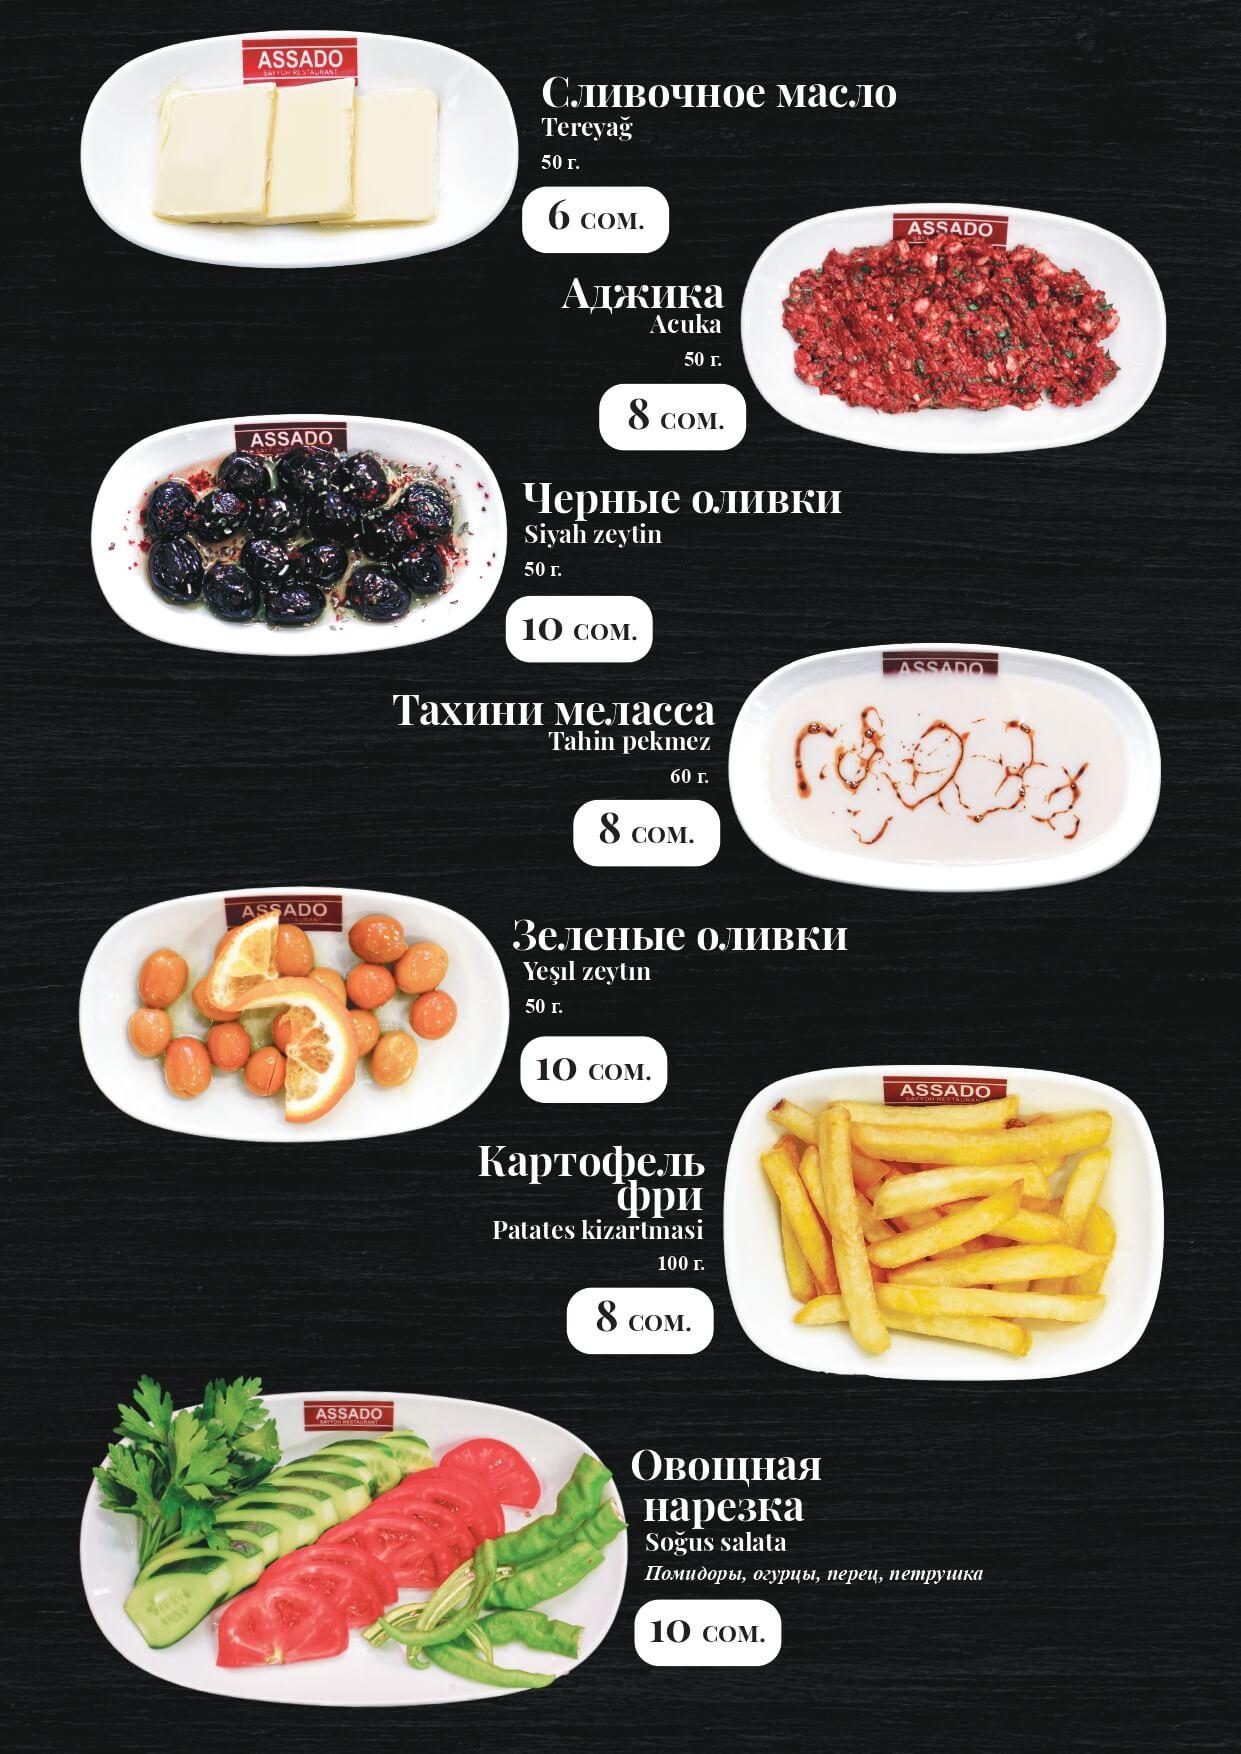 Assado_menu_page-0006